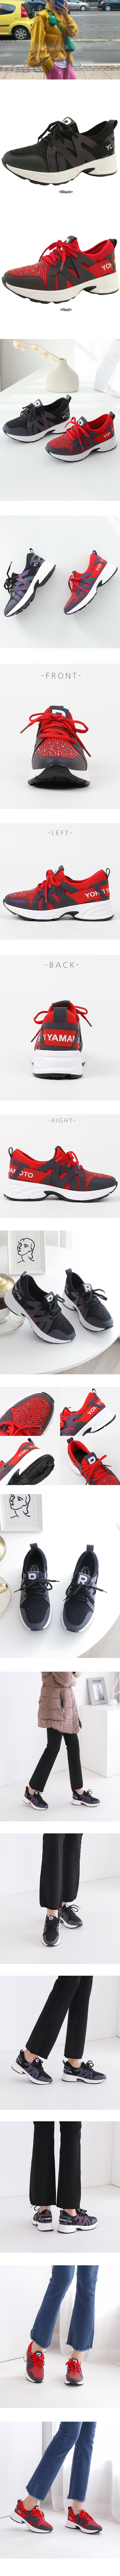 Metal stud lace-up sneakers black